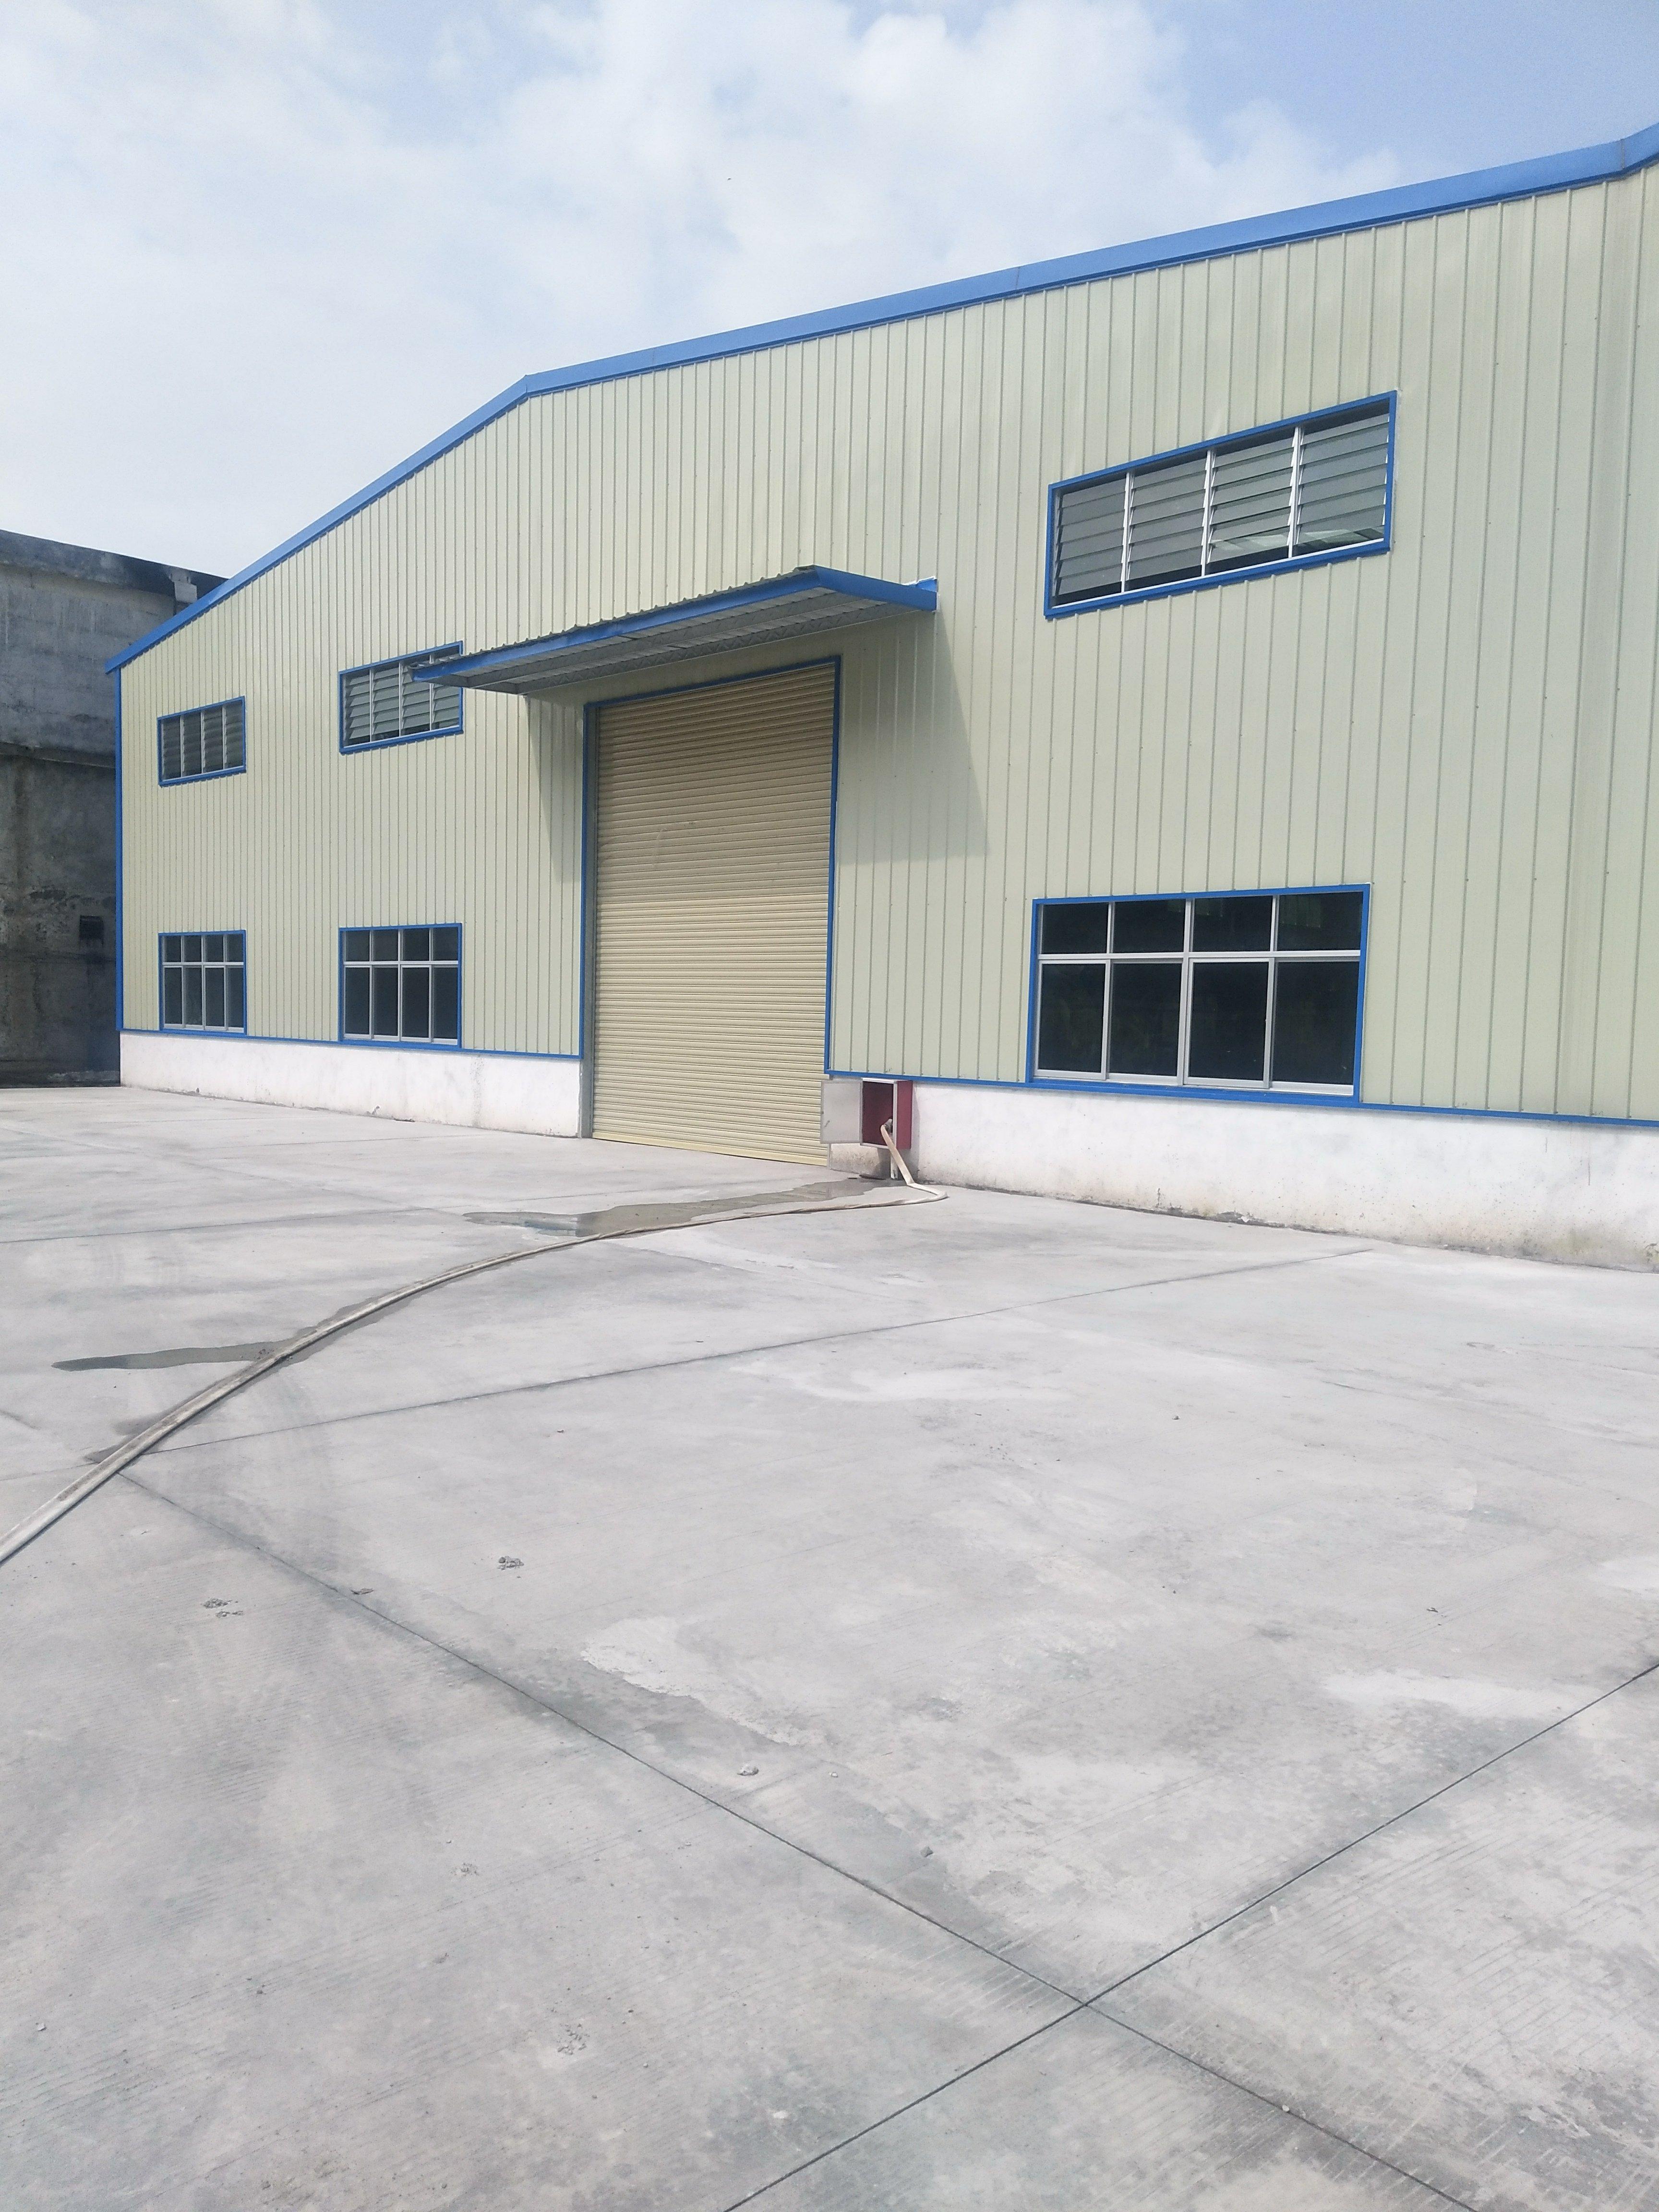 寮步镇西溪村,生态园大道旁边,新建小面积仓库